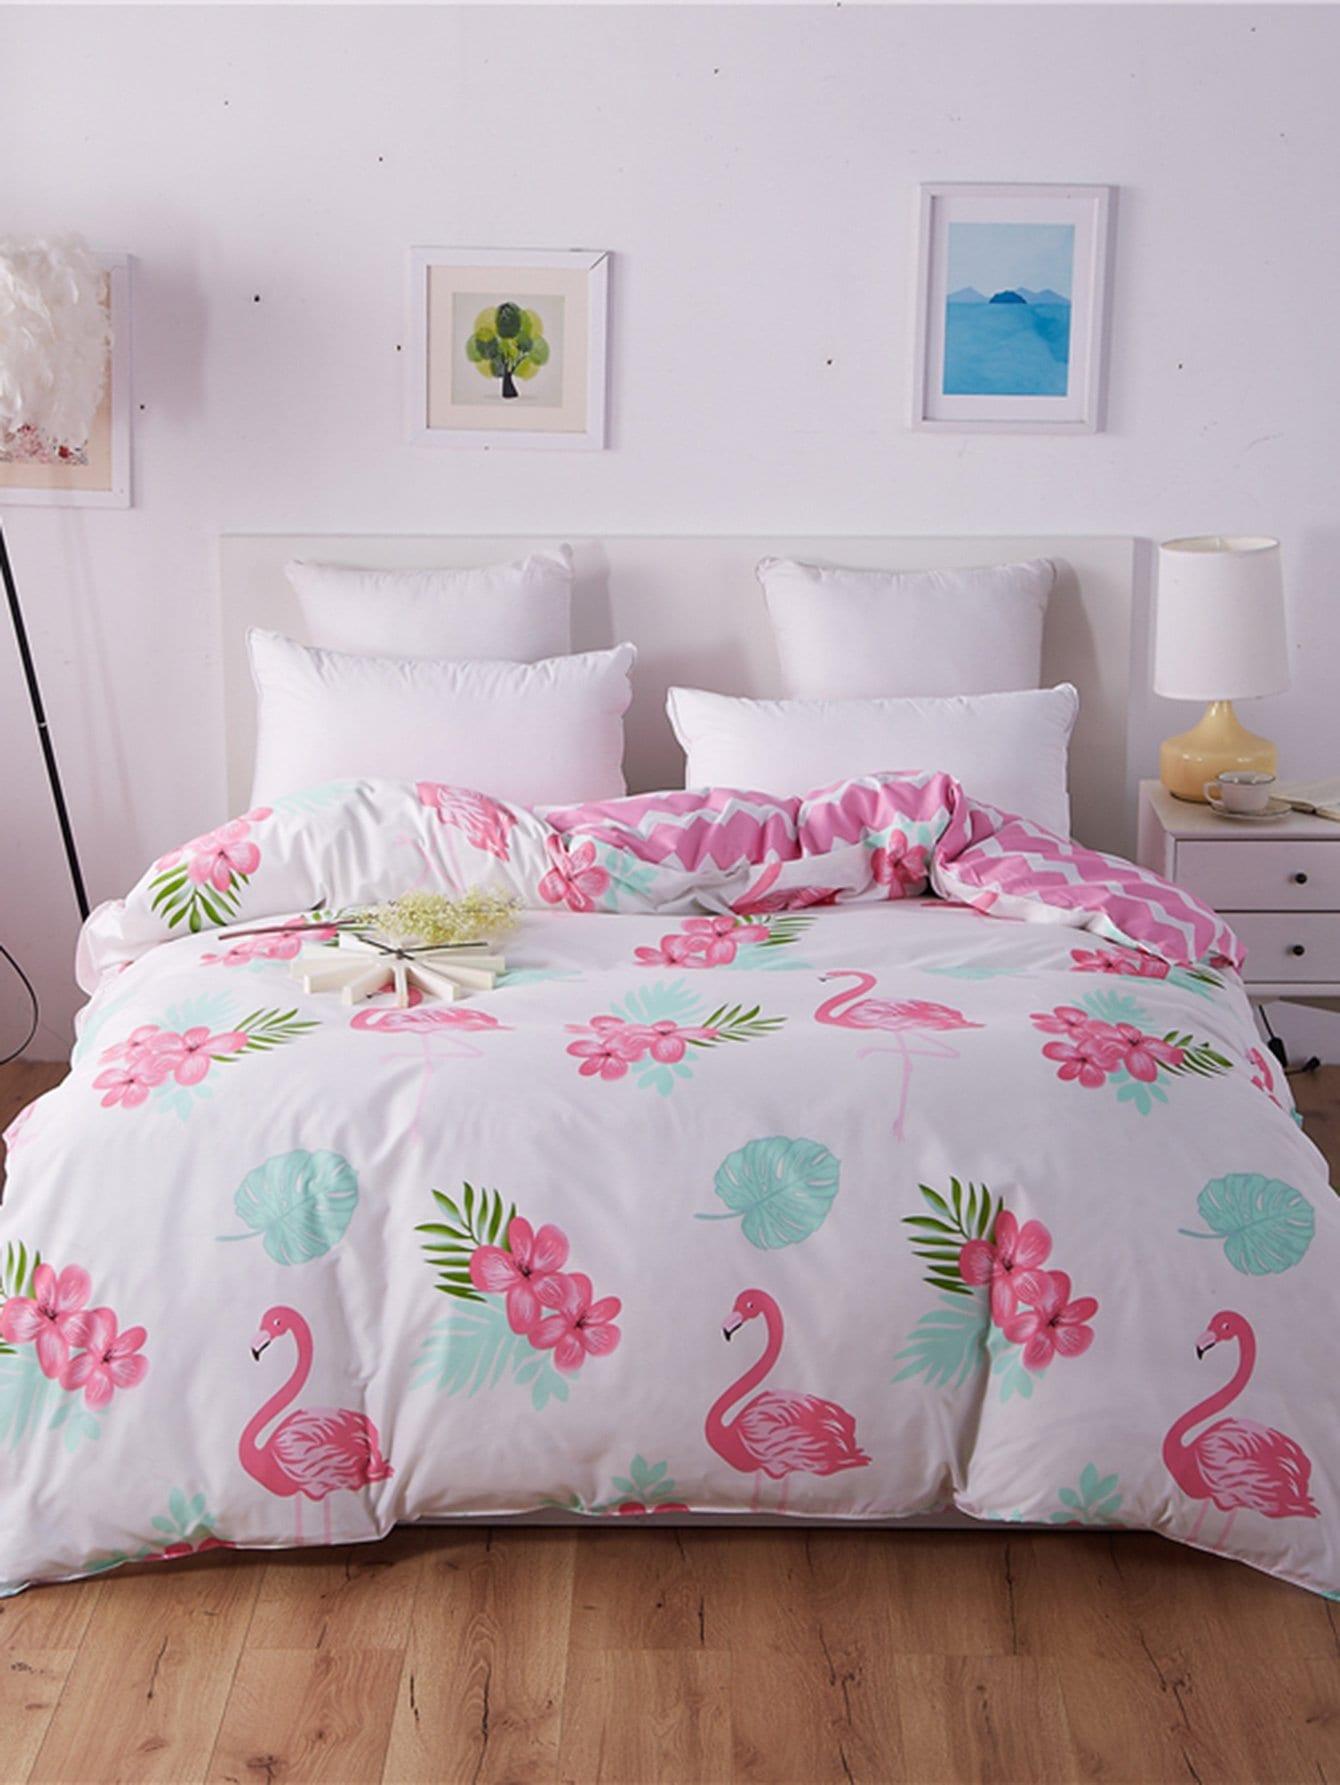 Купить 1 шт. пододеяльник с печатью фламинго и цветов, null, SheIn